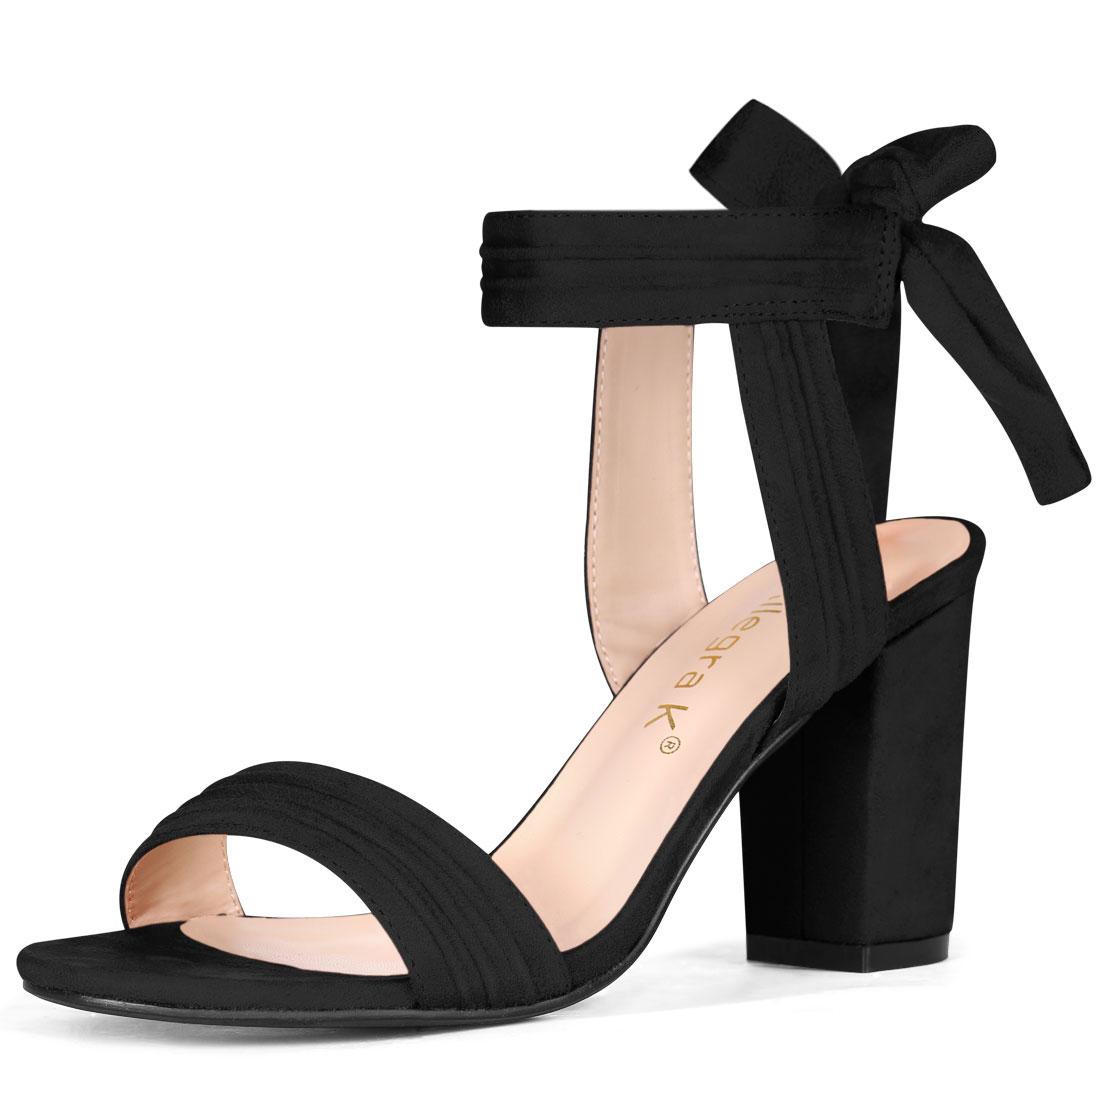 Allegra K Women's Open Toe Ankle Tie Back Chunky Heel Sandals Black US 8